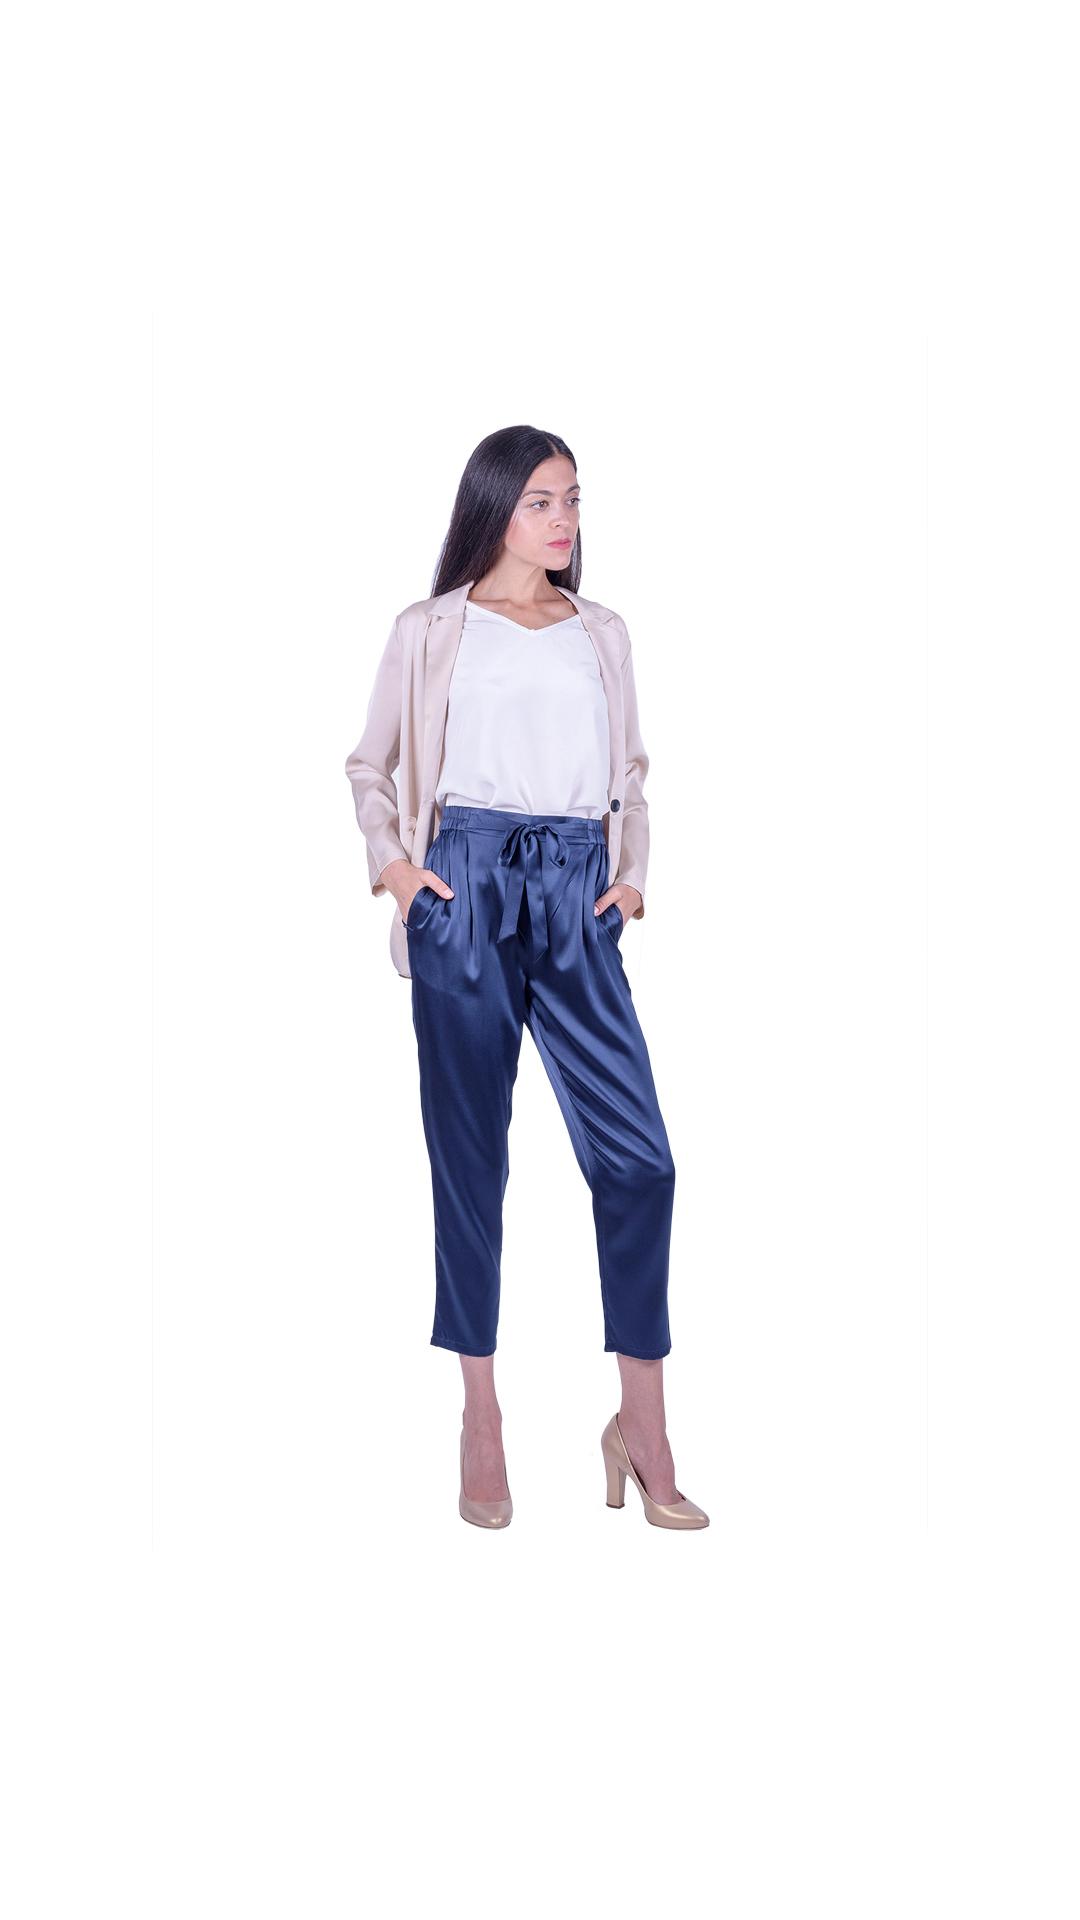 GIASILK01 BEIGE GIACCA DONNA MANICA LUNGA 2 1stAmerican giacca da donna 100% pura seta manica 3/4 - elegante camicia in seta da donna